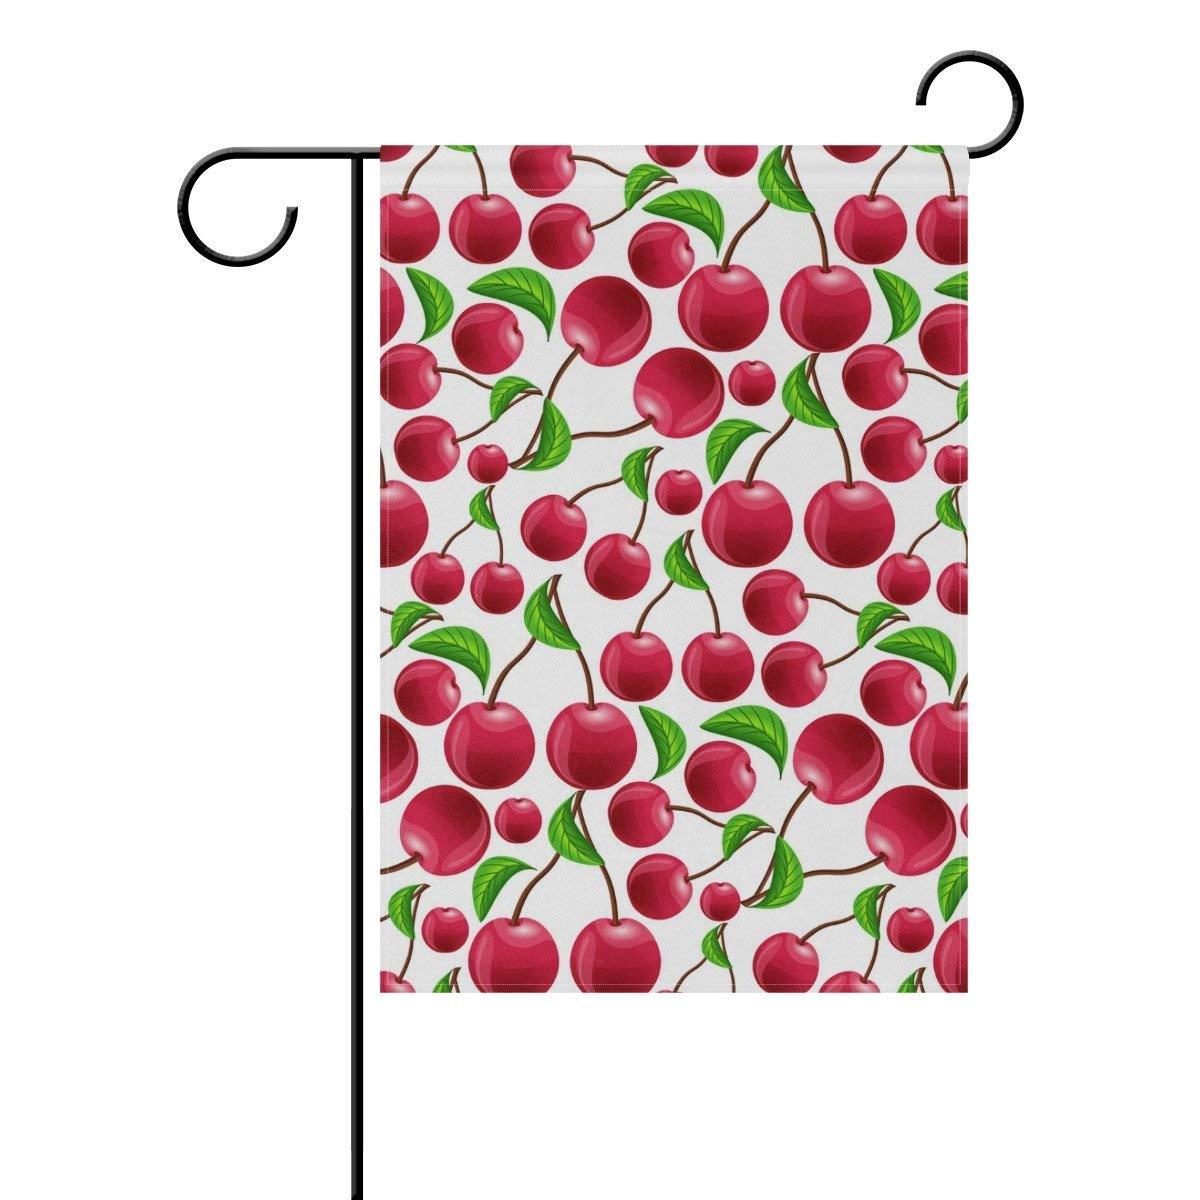 Dozili Bandera de Fruta, Cerezo Cerezo Cerezo  Rojo , decoración del hogar, Bandera de jardín Resistente a la Intemperie y Bandera de Doble Cara, poliéster, Colorful, 28